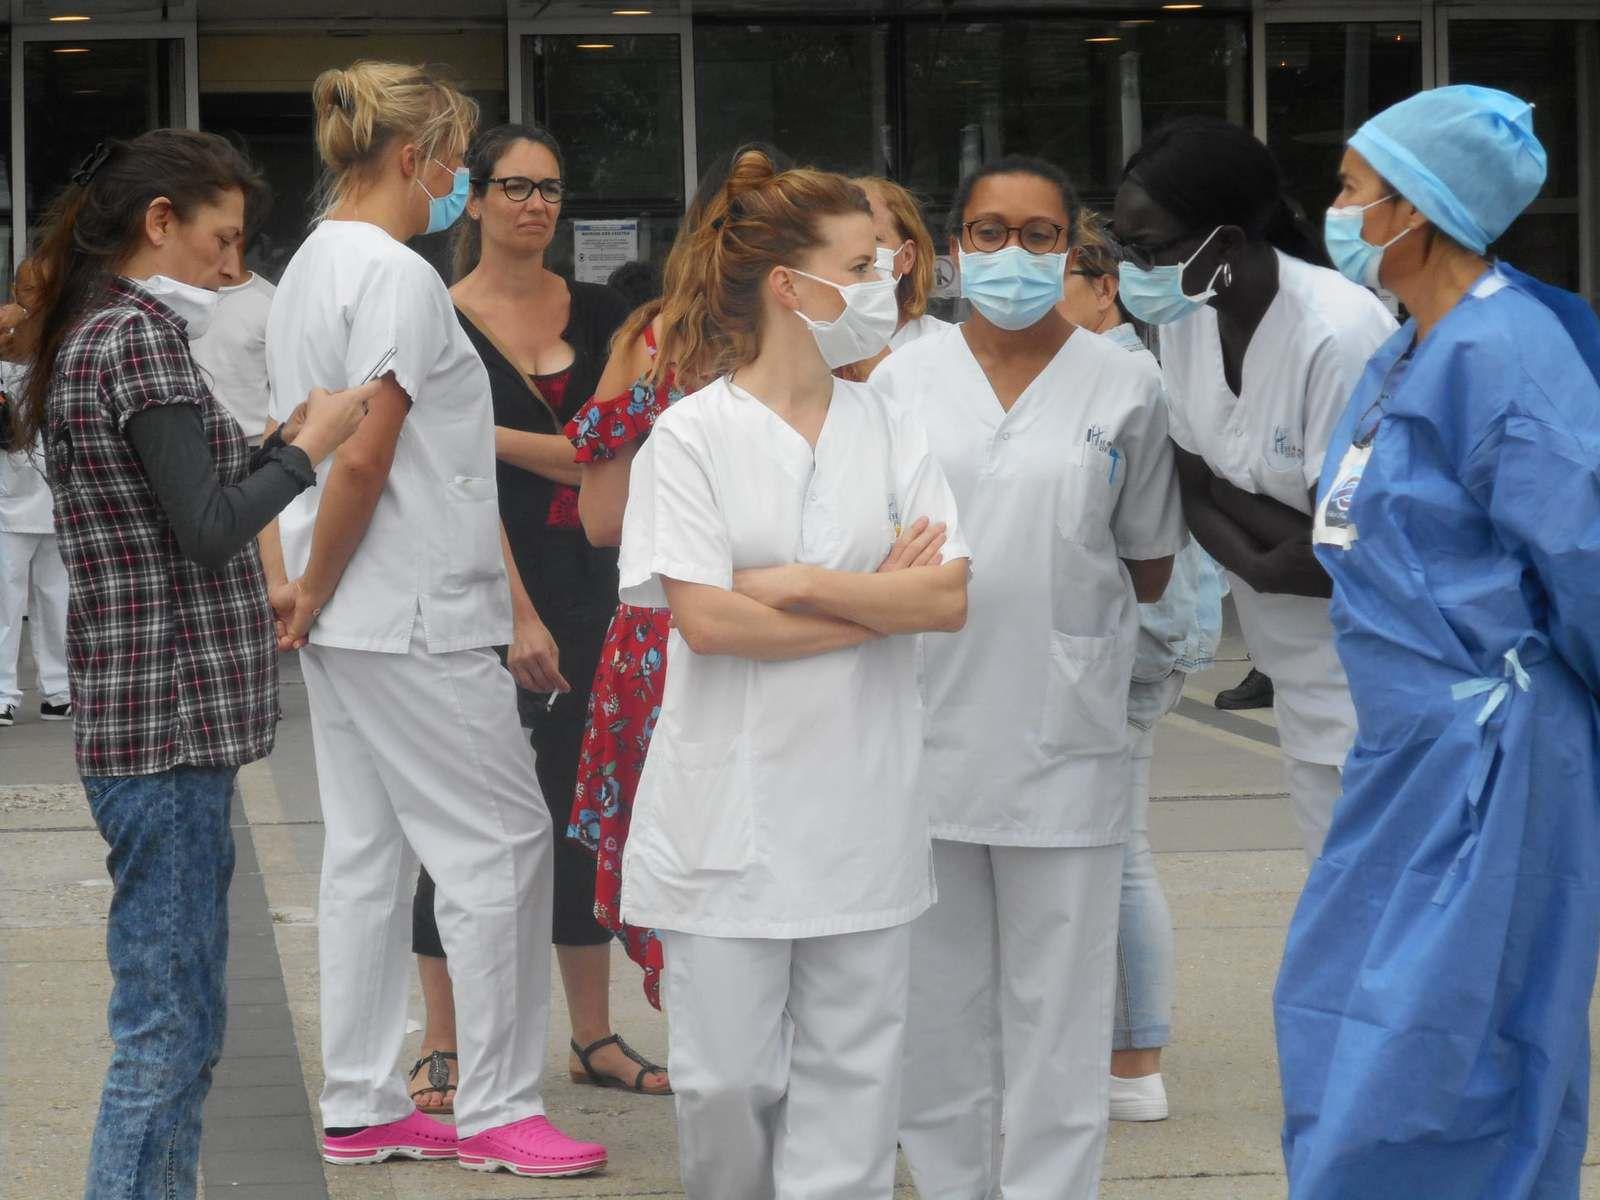 30 juin dernier. Nouveau rassemblement sur le Parvis de notre hôpital